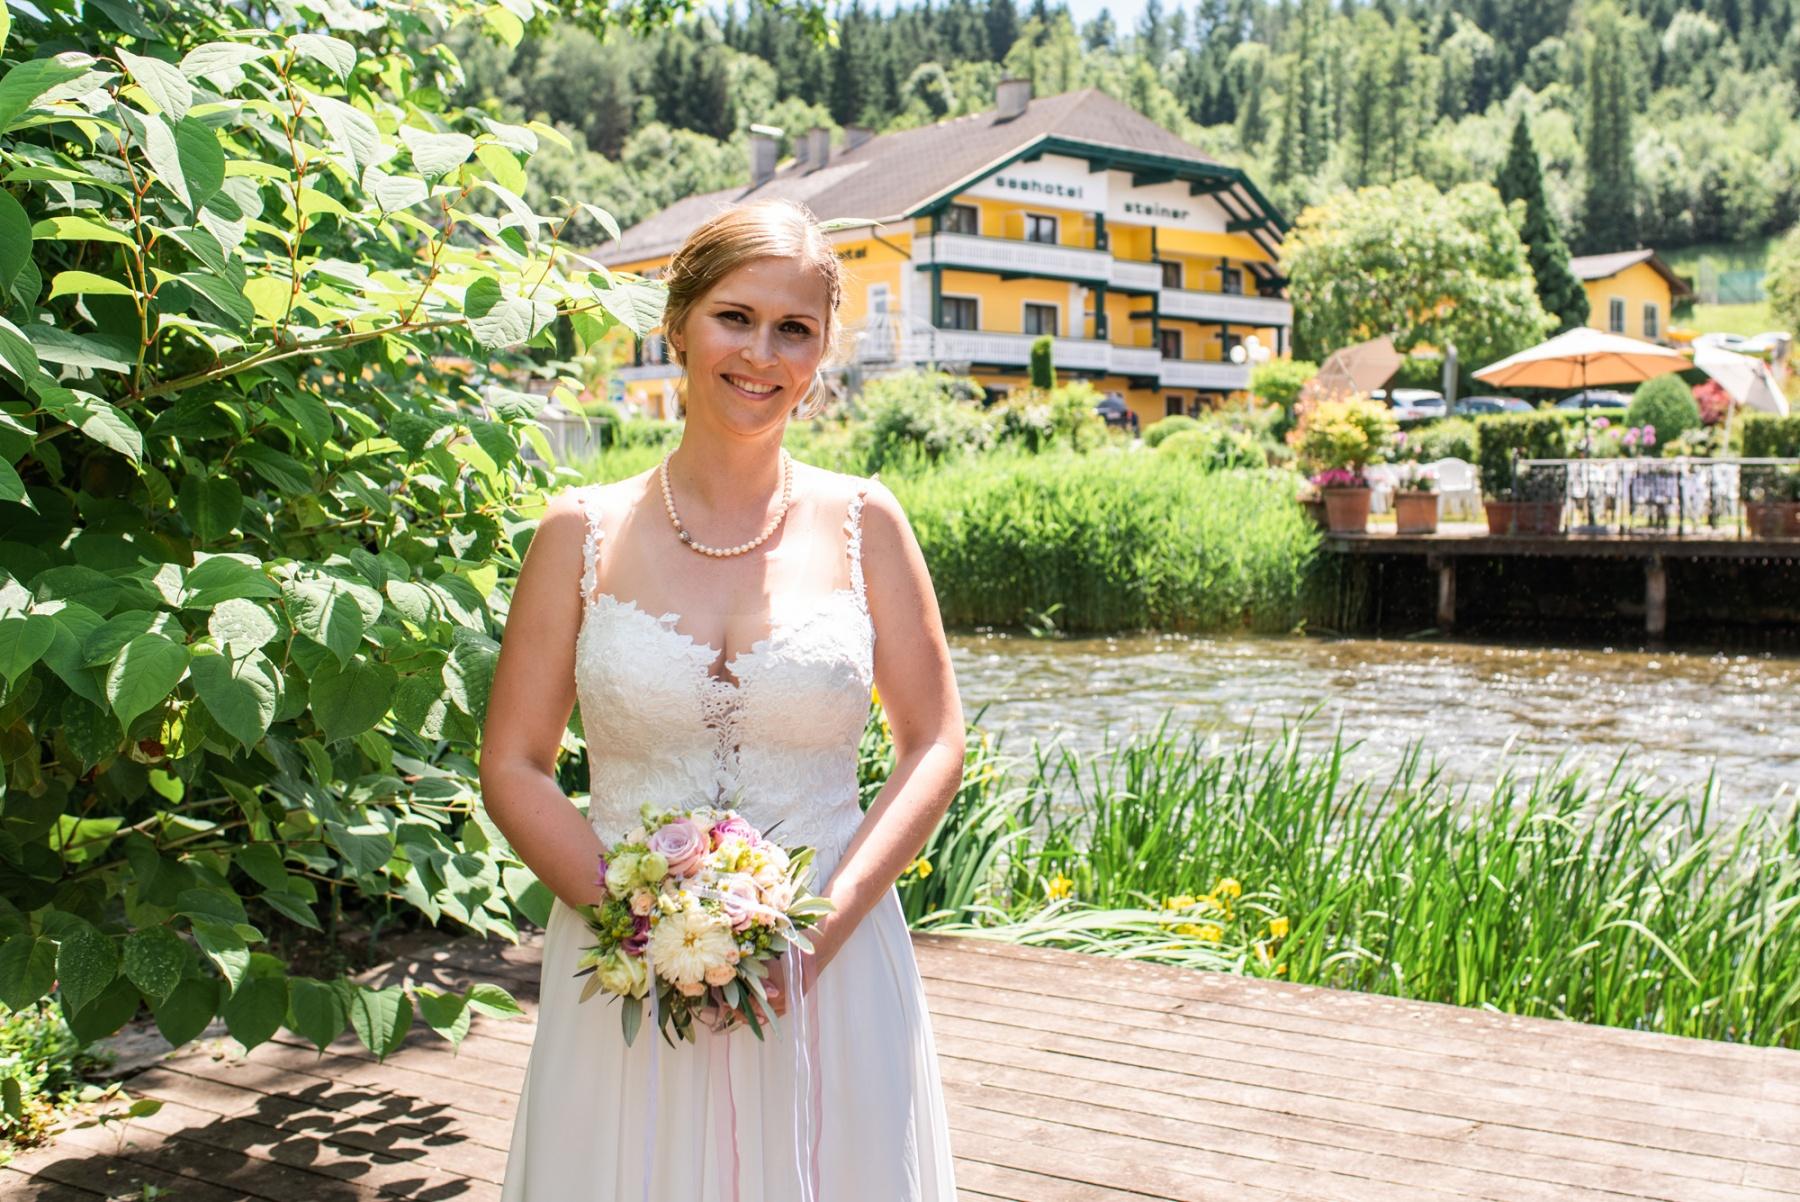 Roland Nischelwitzer Photography - Hochzeit - Ingo und Evi